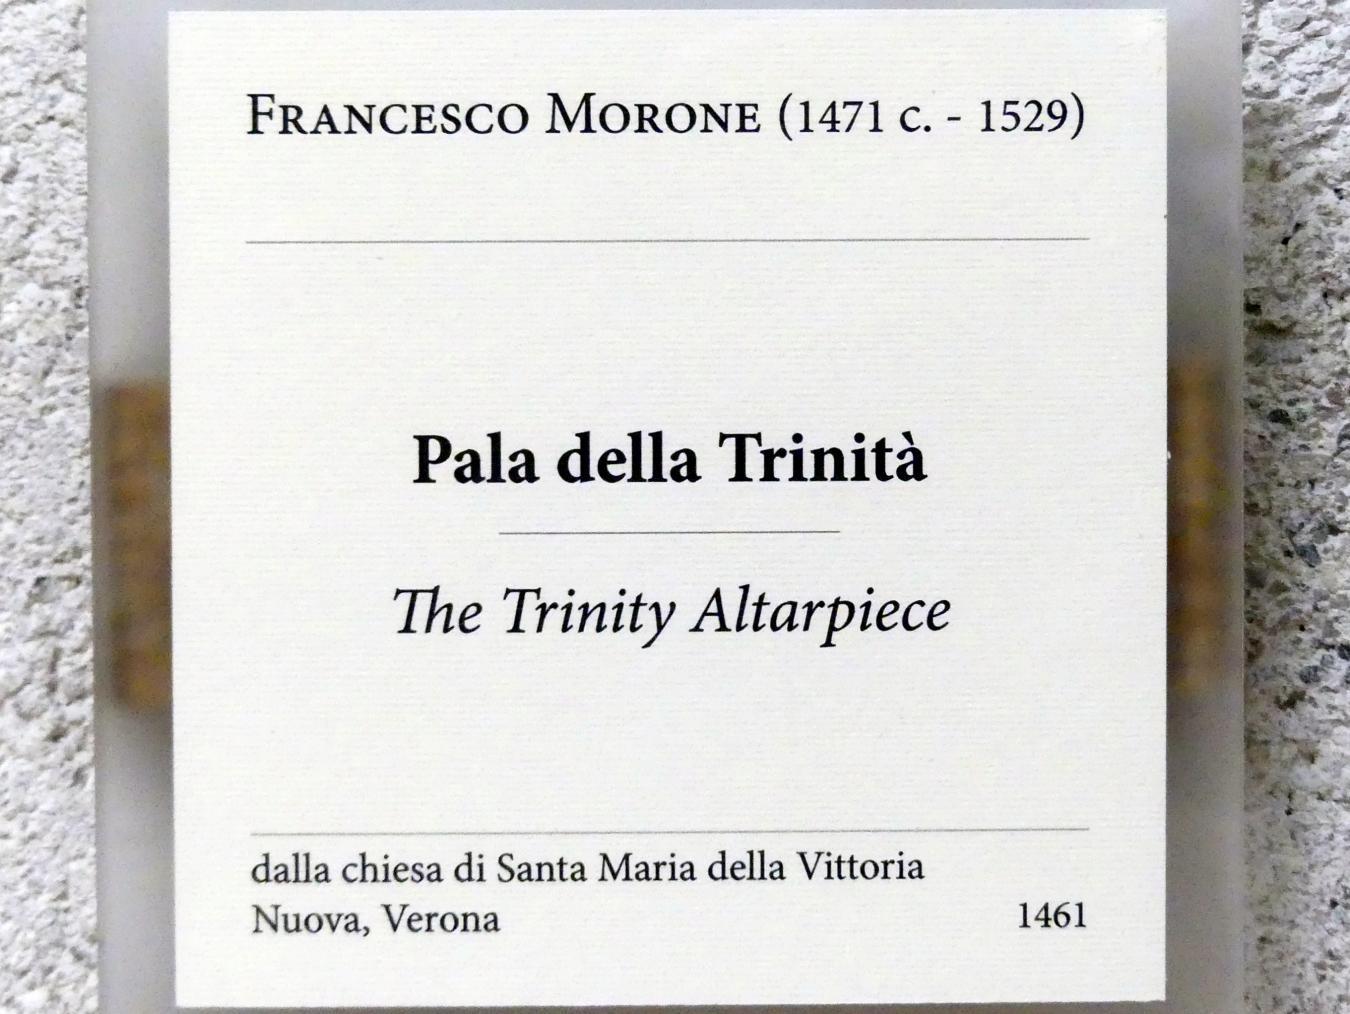 Francesco Morone: Dreifaltigkeitsaltar, Undatiert, Bild 2/2